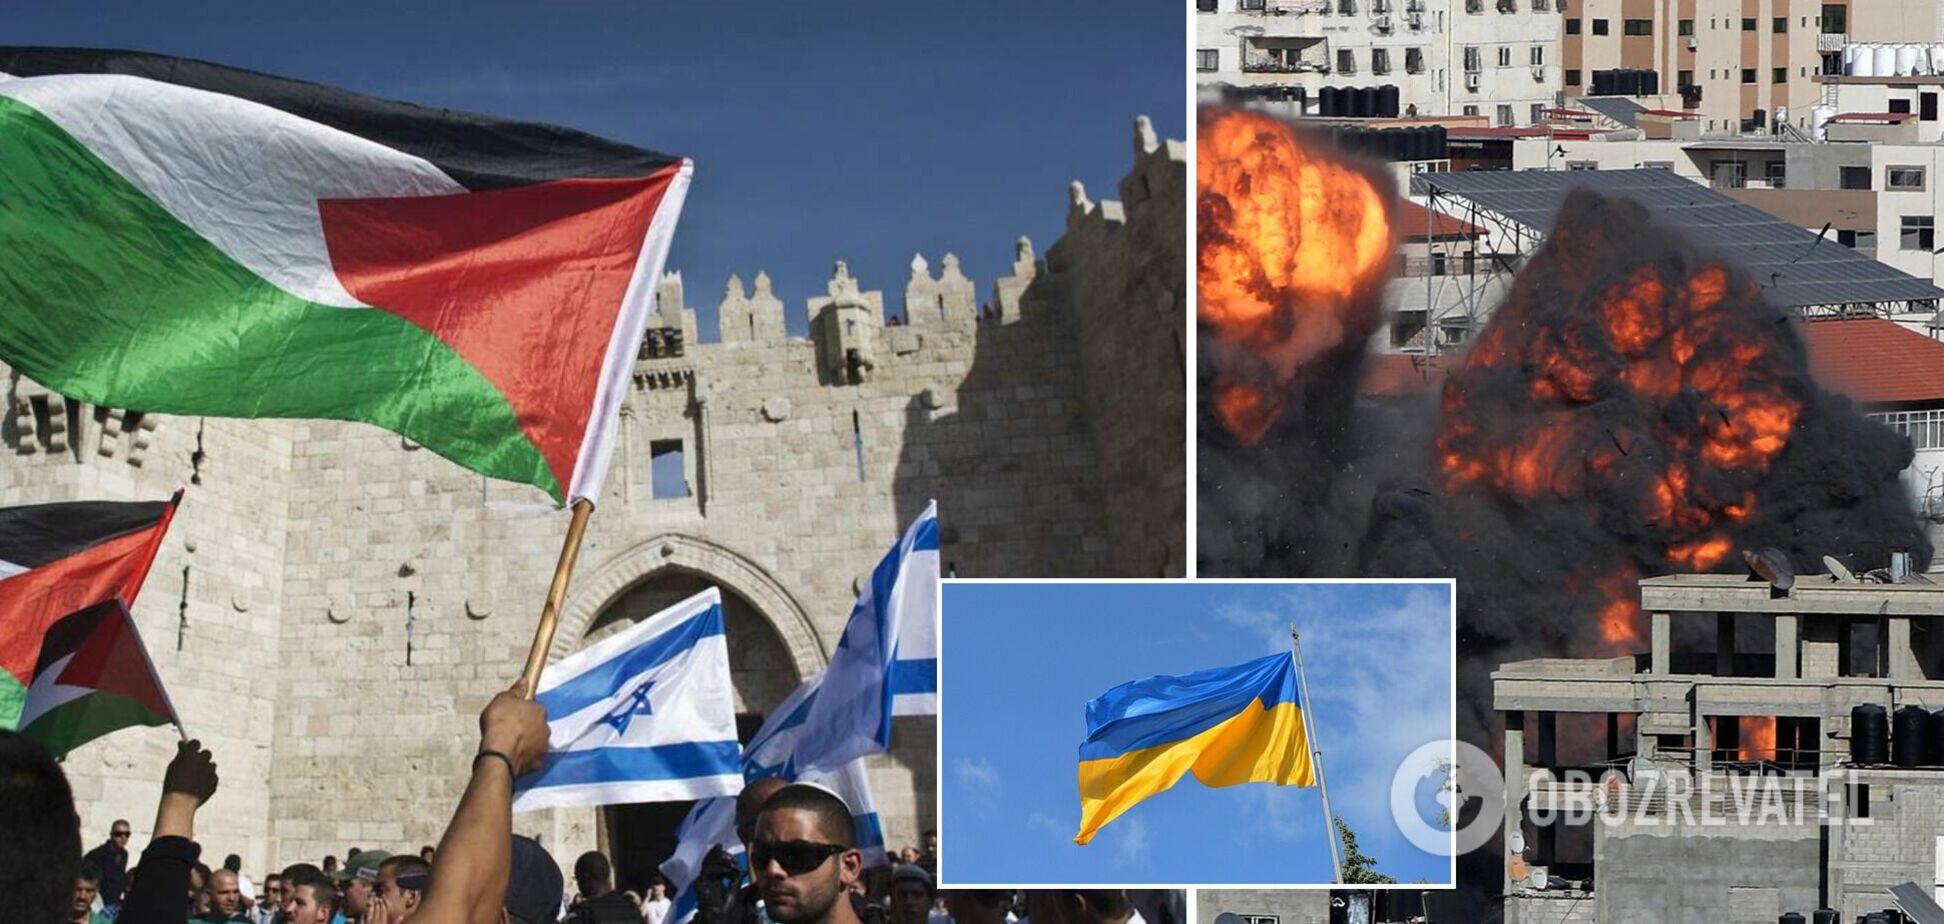 Українці попросили про термінову евакуацію з сектора Газа через загострення конфлікту – ЗМІ